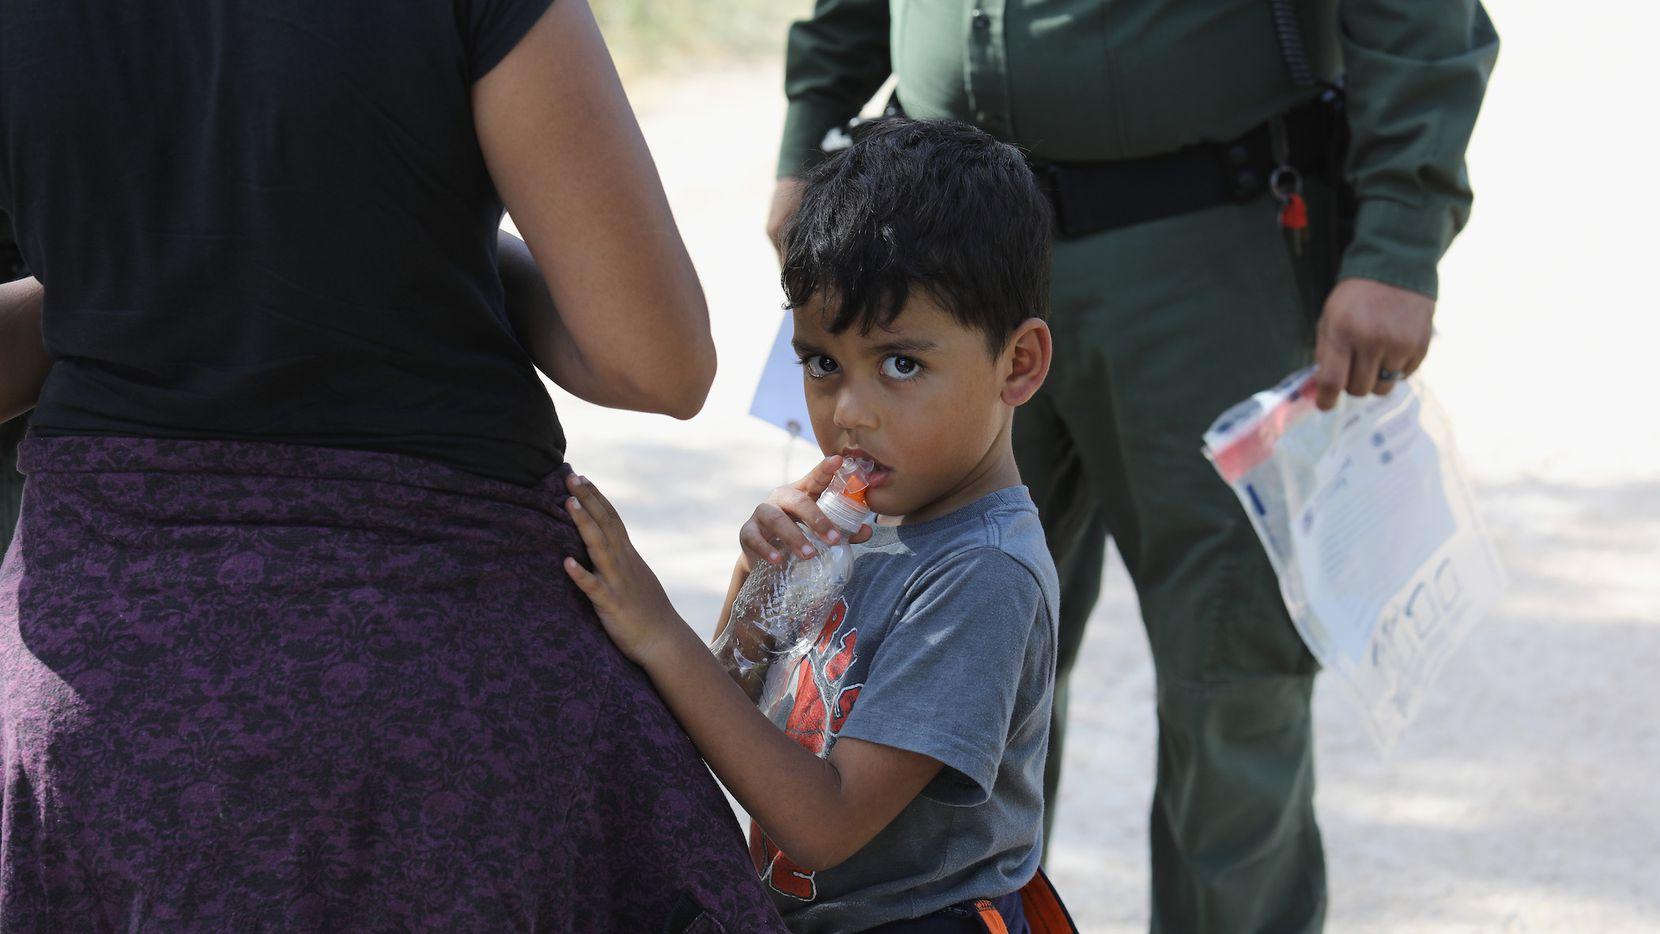 Una familia centroamericana es detenida en la frontera entre Texas y México por la Patrulla Fronteriza. GETTTY IMAGES.